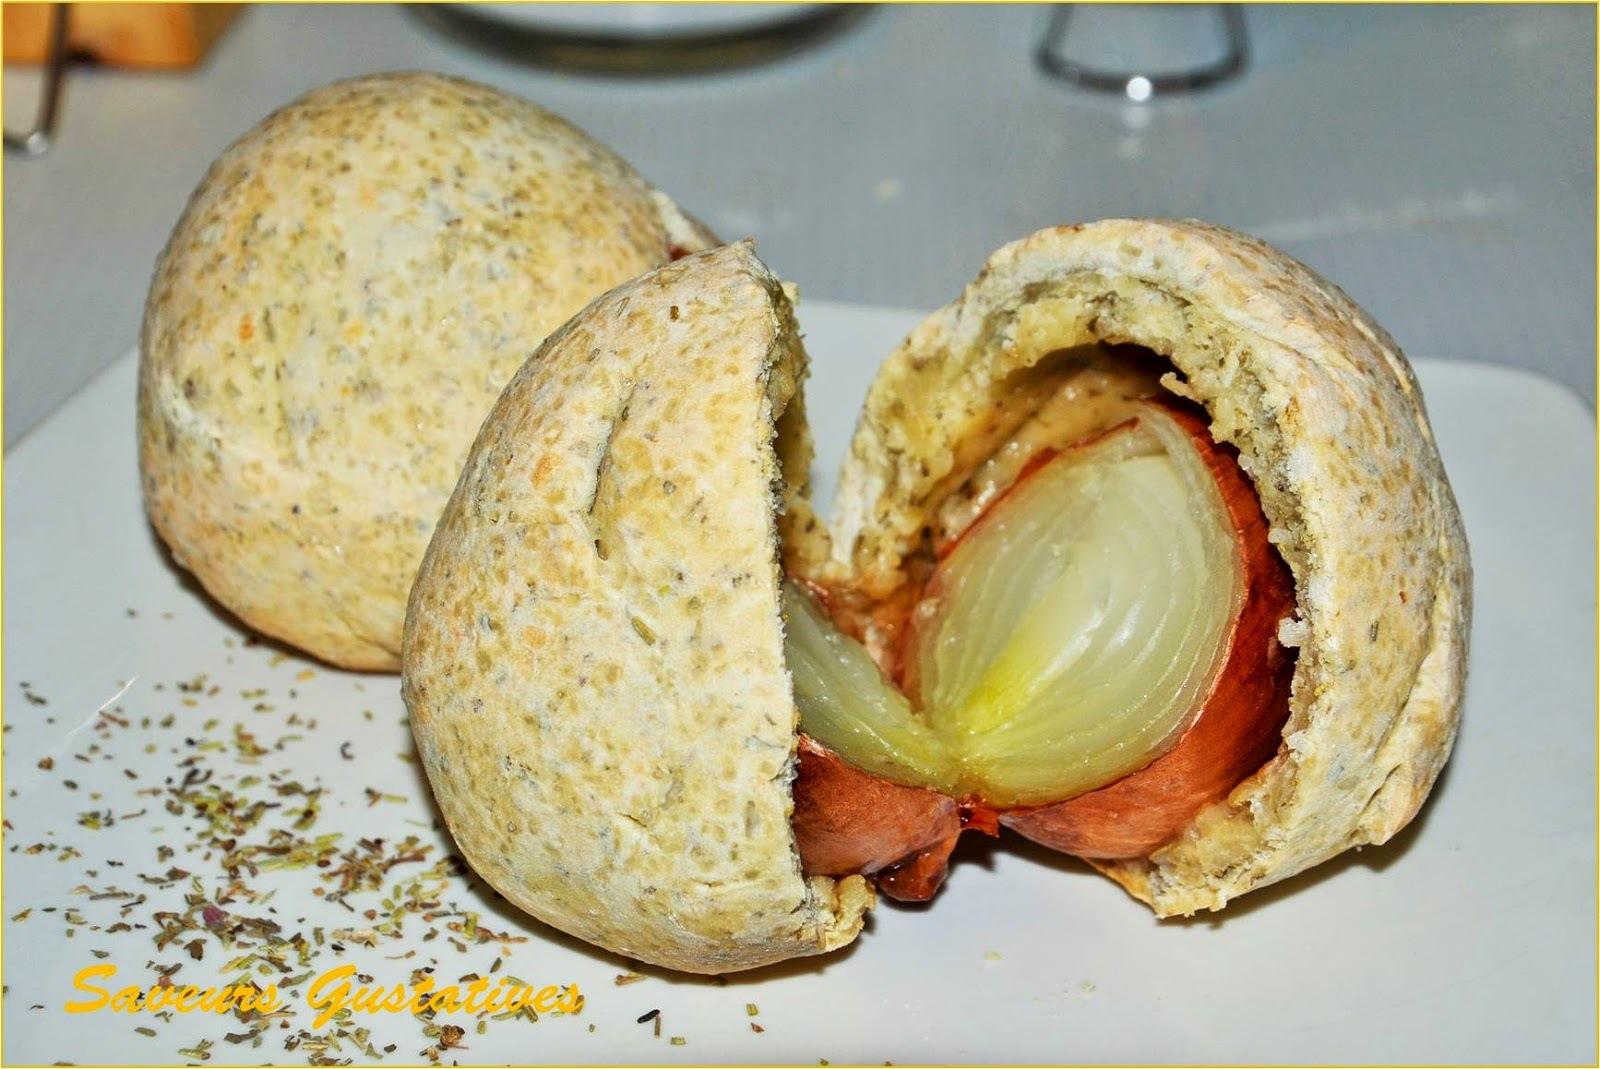 Oignons jaunes cuits en pâte à sel aromatisée aux herbes de Provence